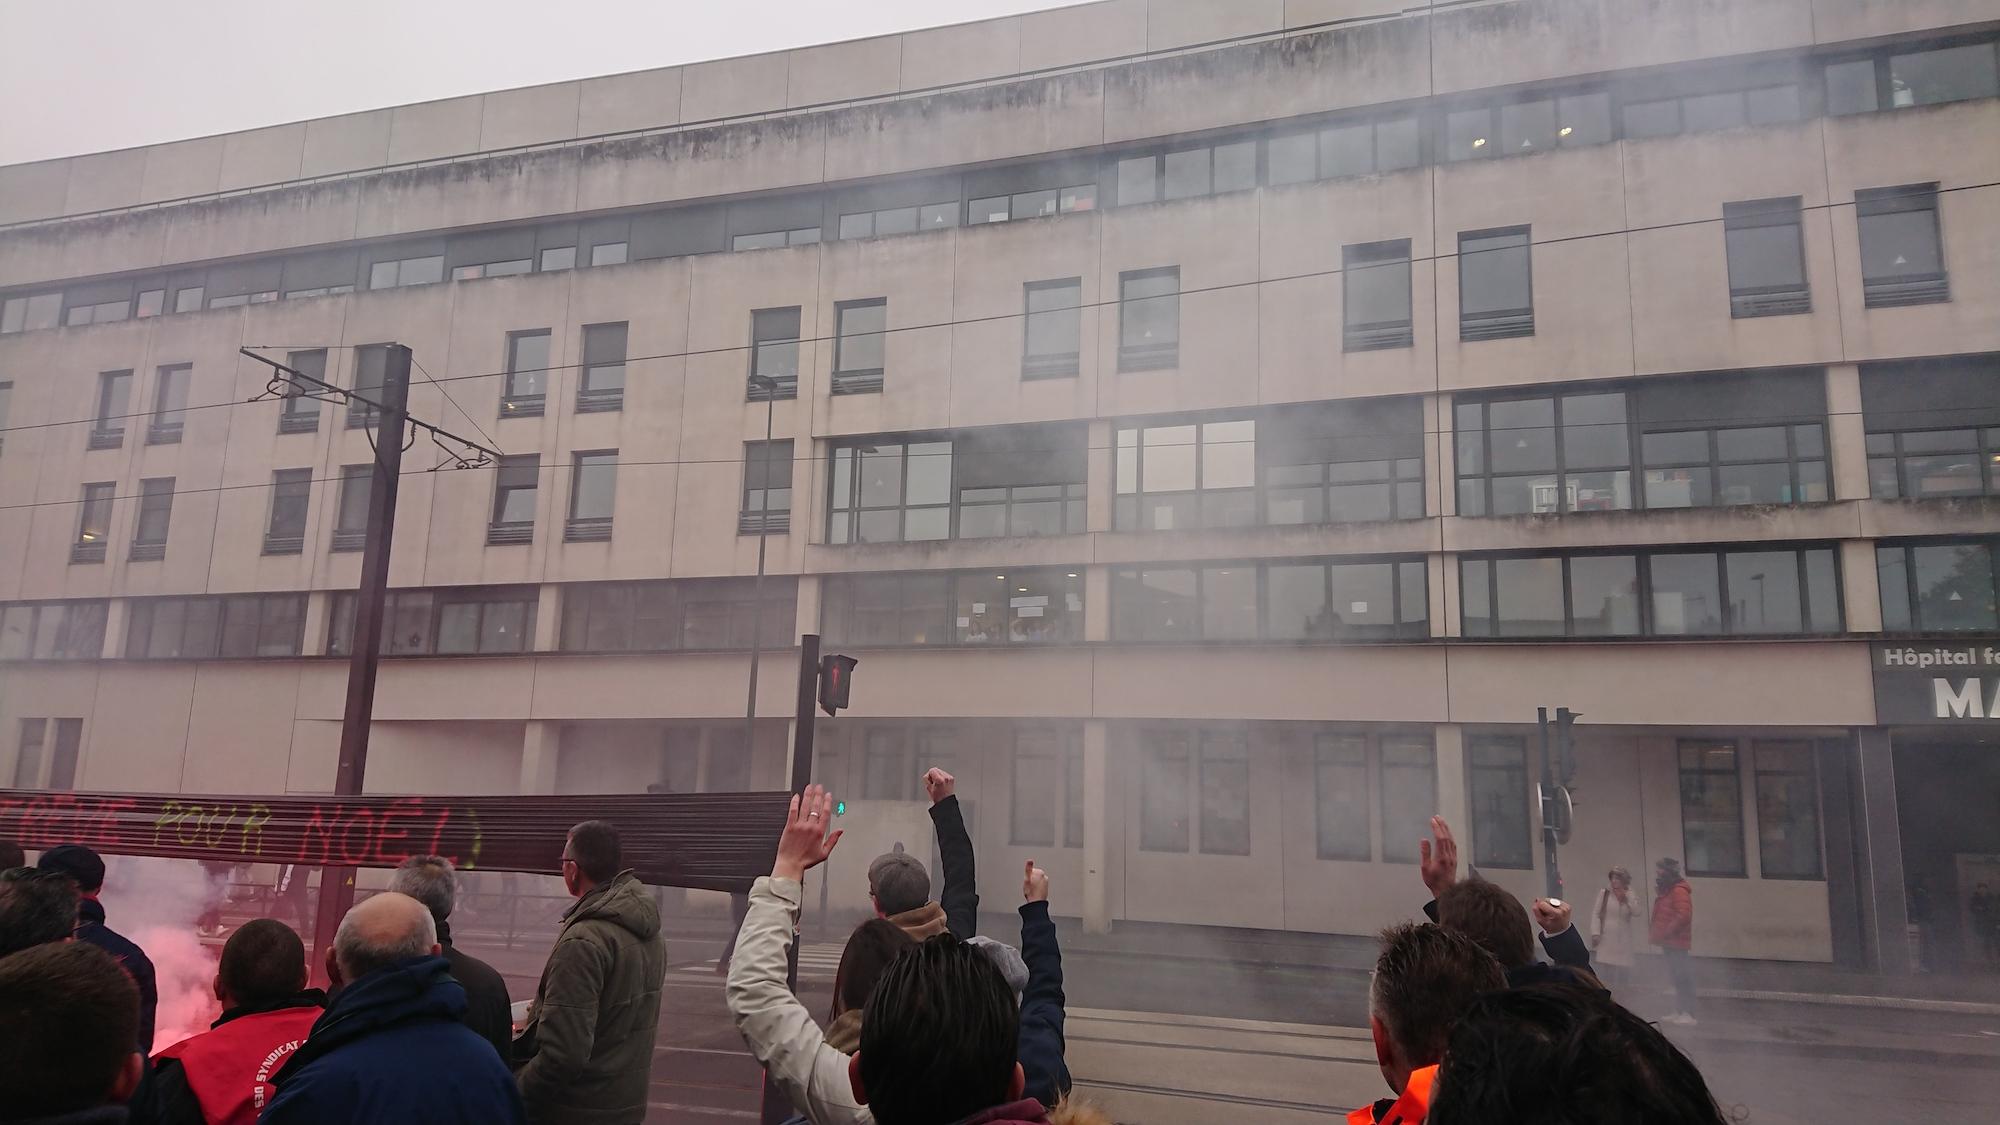 Mardi 17 décembre 2019, en matinée : le défilé contre la réforme des retraites salue le personnel mobilisé de la maternité du CHU de Nantes